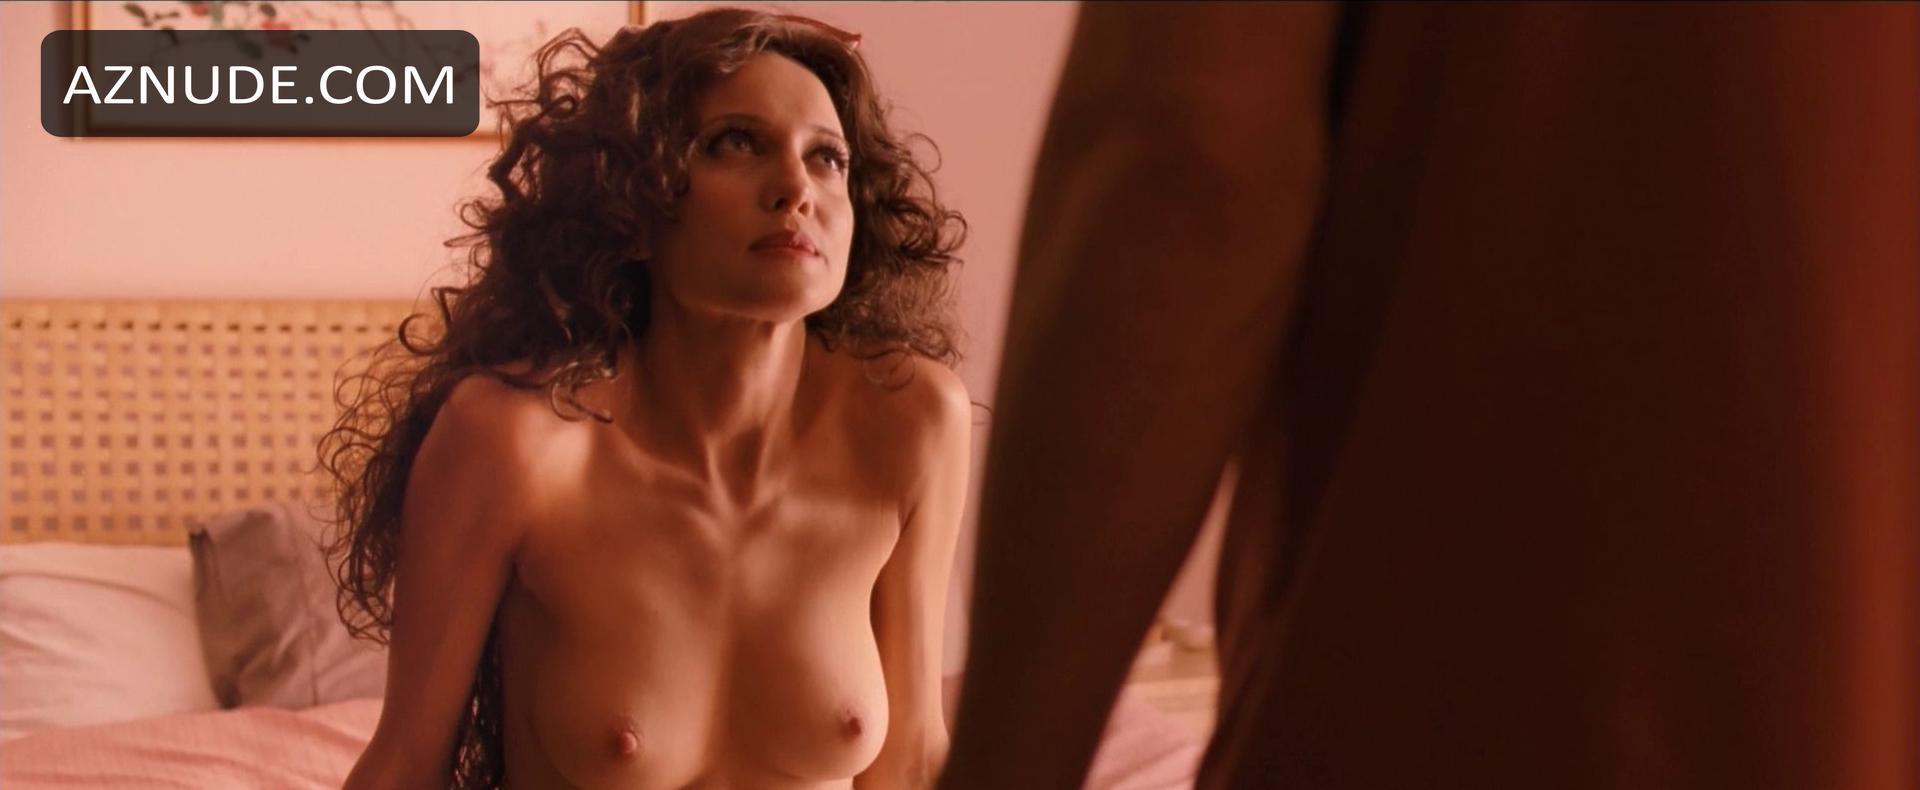 Griffiths among giants nude rachel